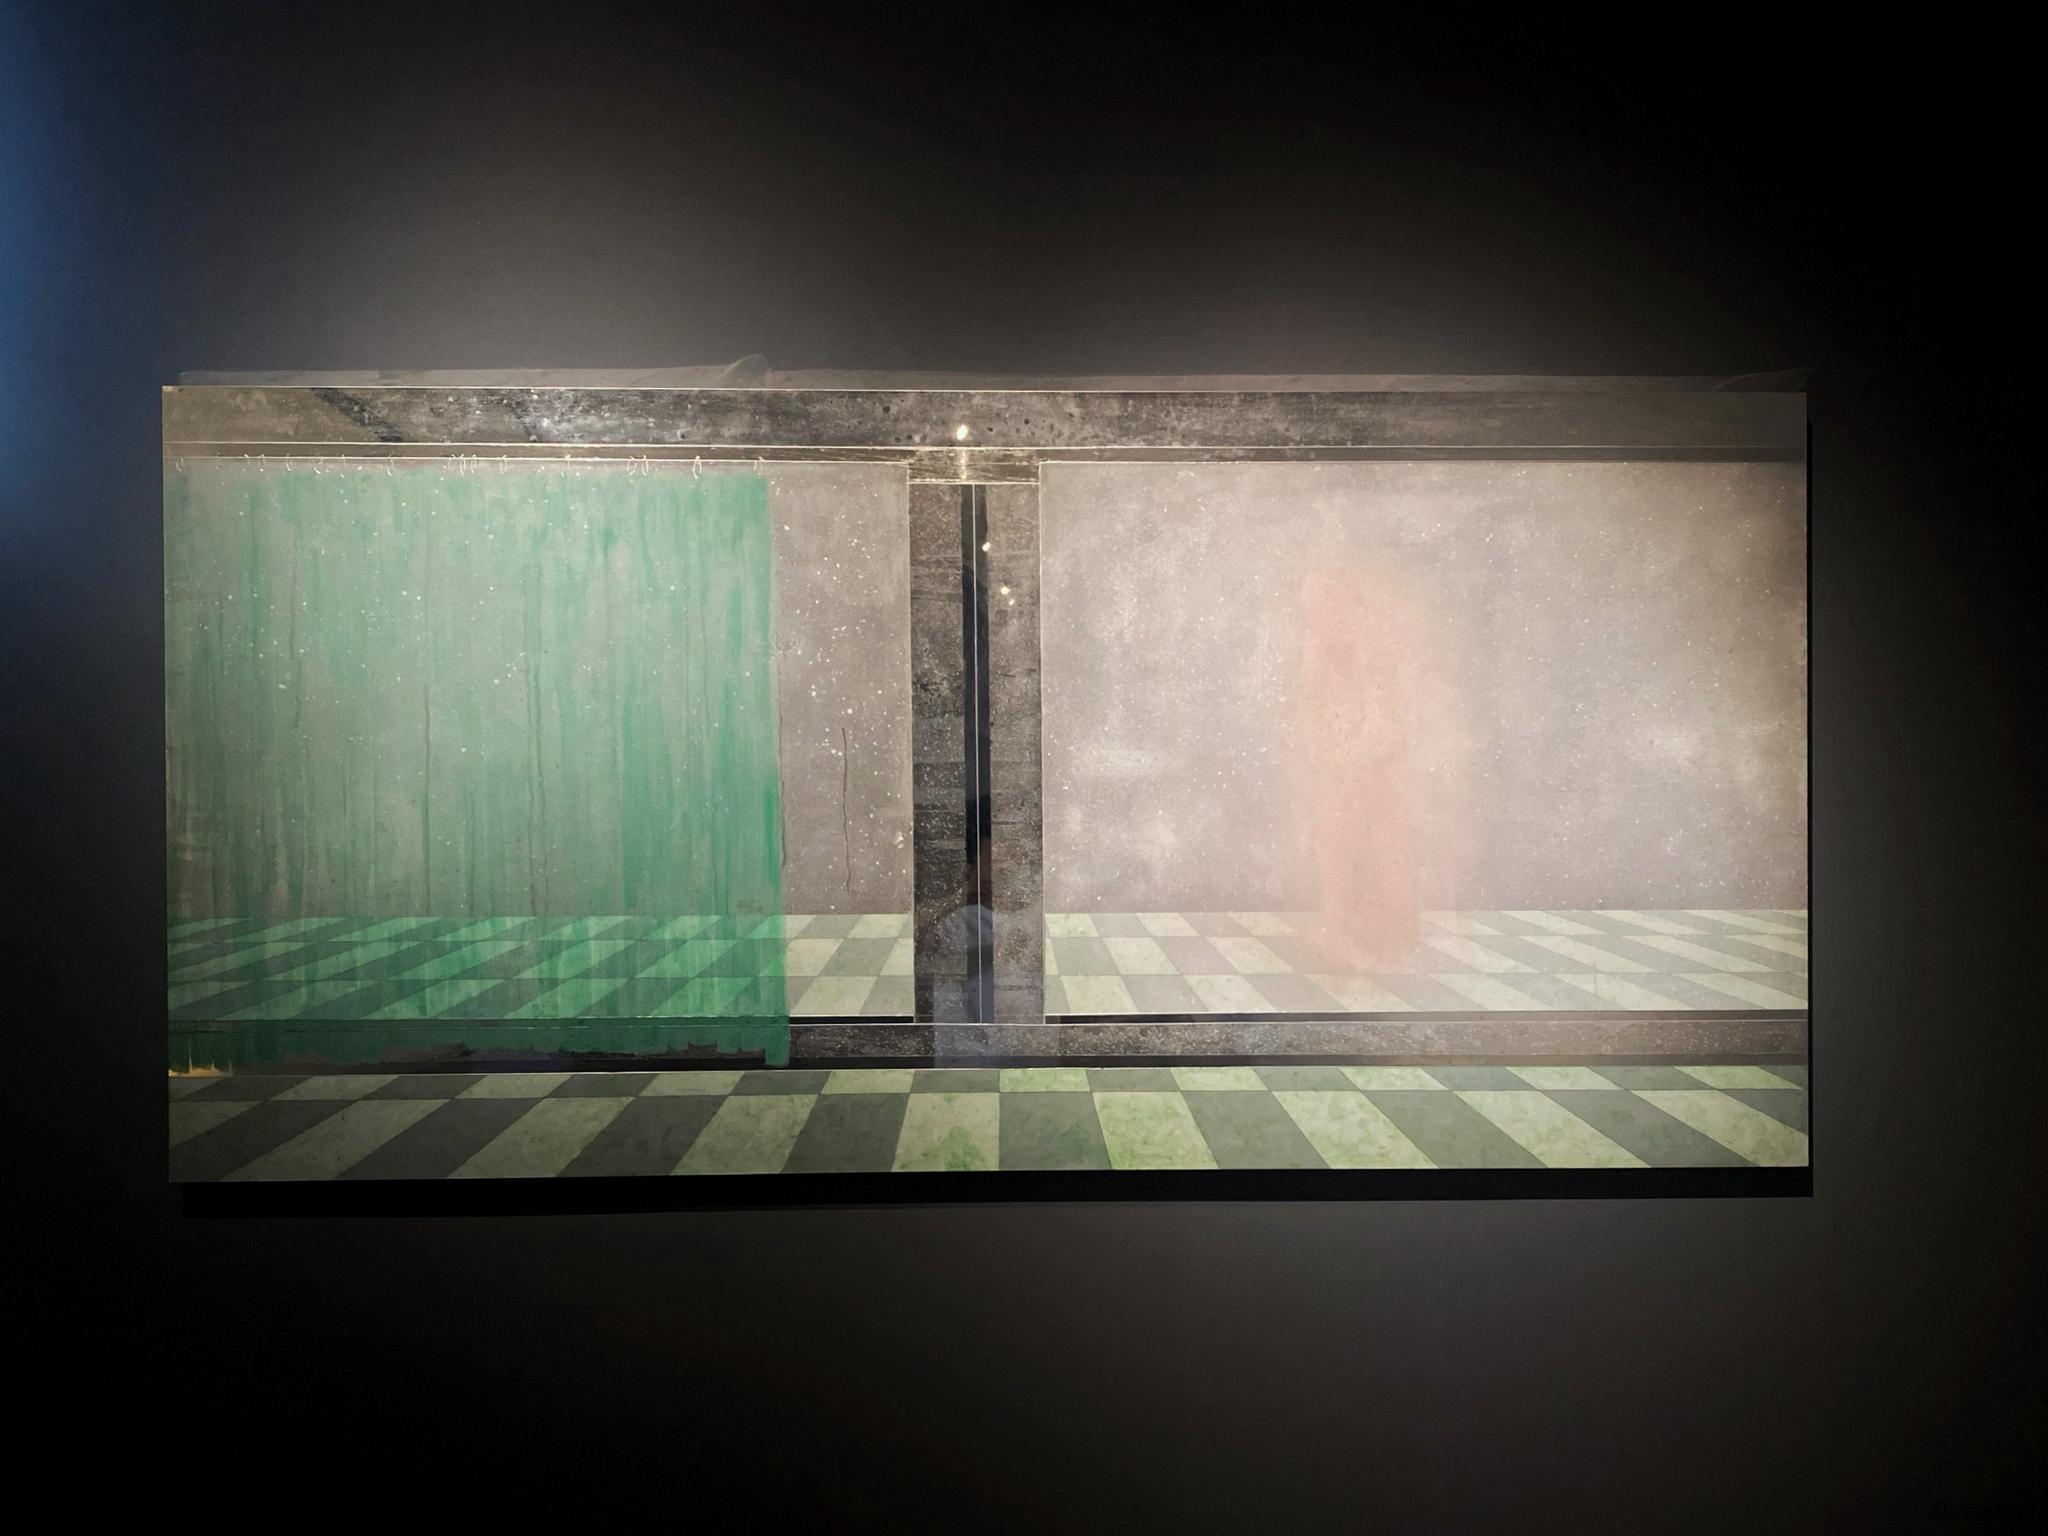 《镜像·1》 曾曦 镜面不锈钢、丙烯 112×234cm 2015